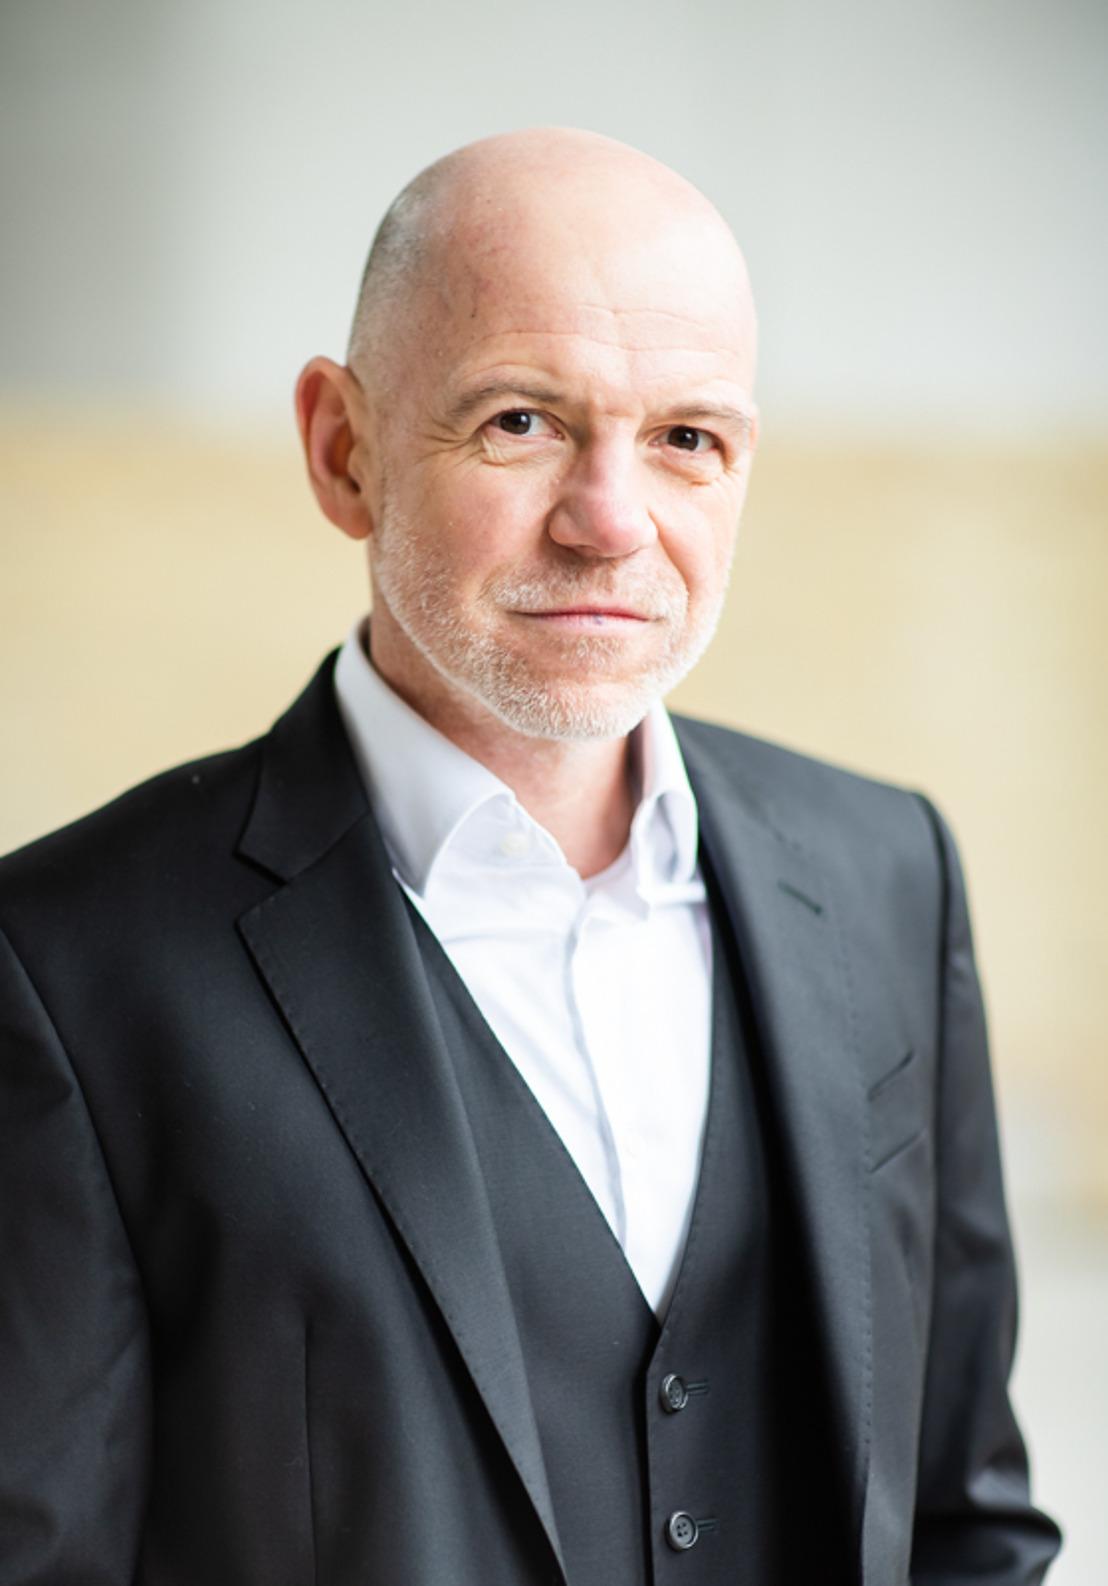 Einladung: Dietmar Wunder liest Walter Moers bei Hugendubel in Hannover